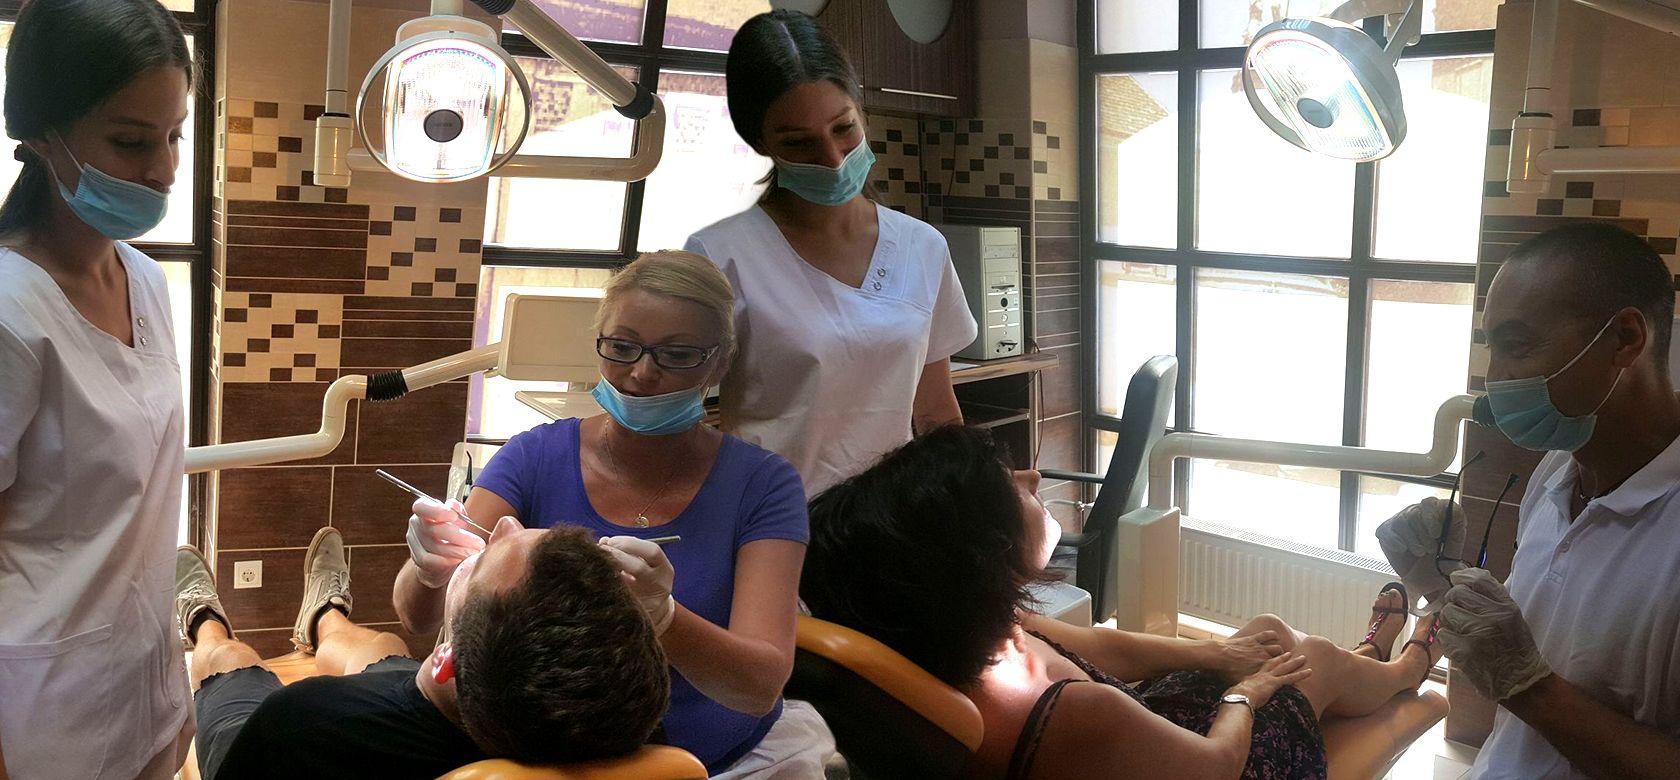 Warten Sie nicht auf die Zahnfee! Besuchen Sie lieber unsere Zahnarztpraxis!